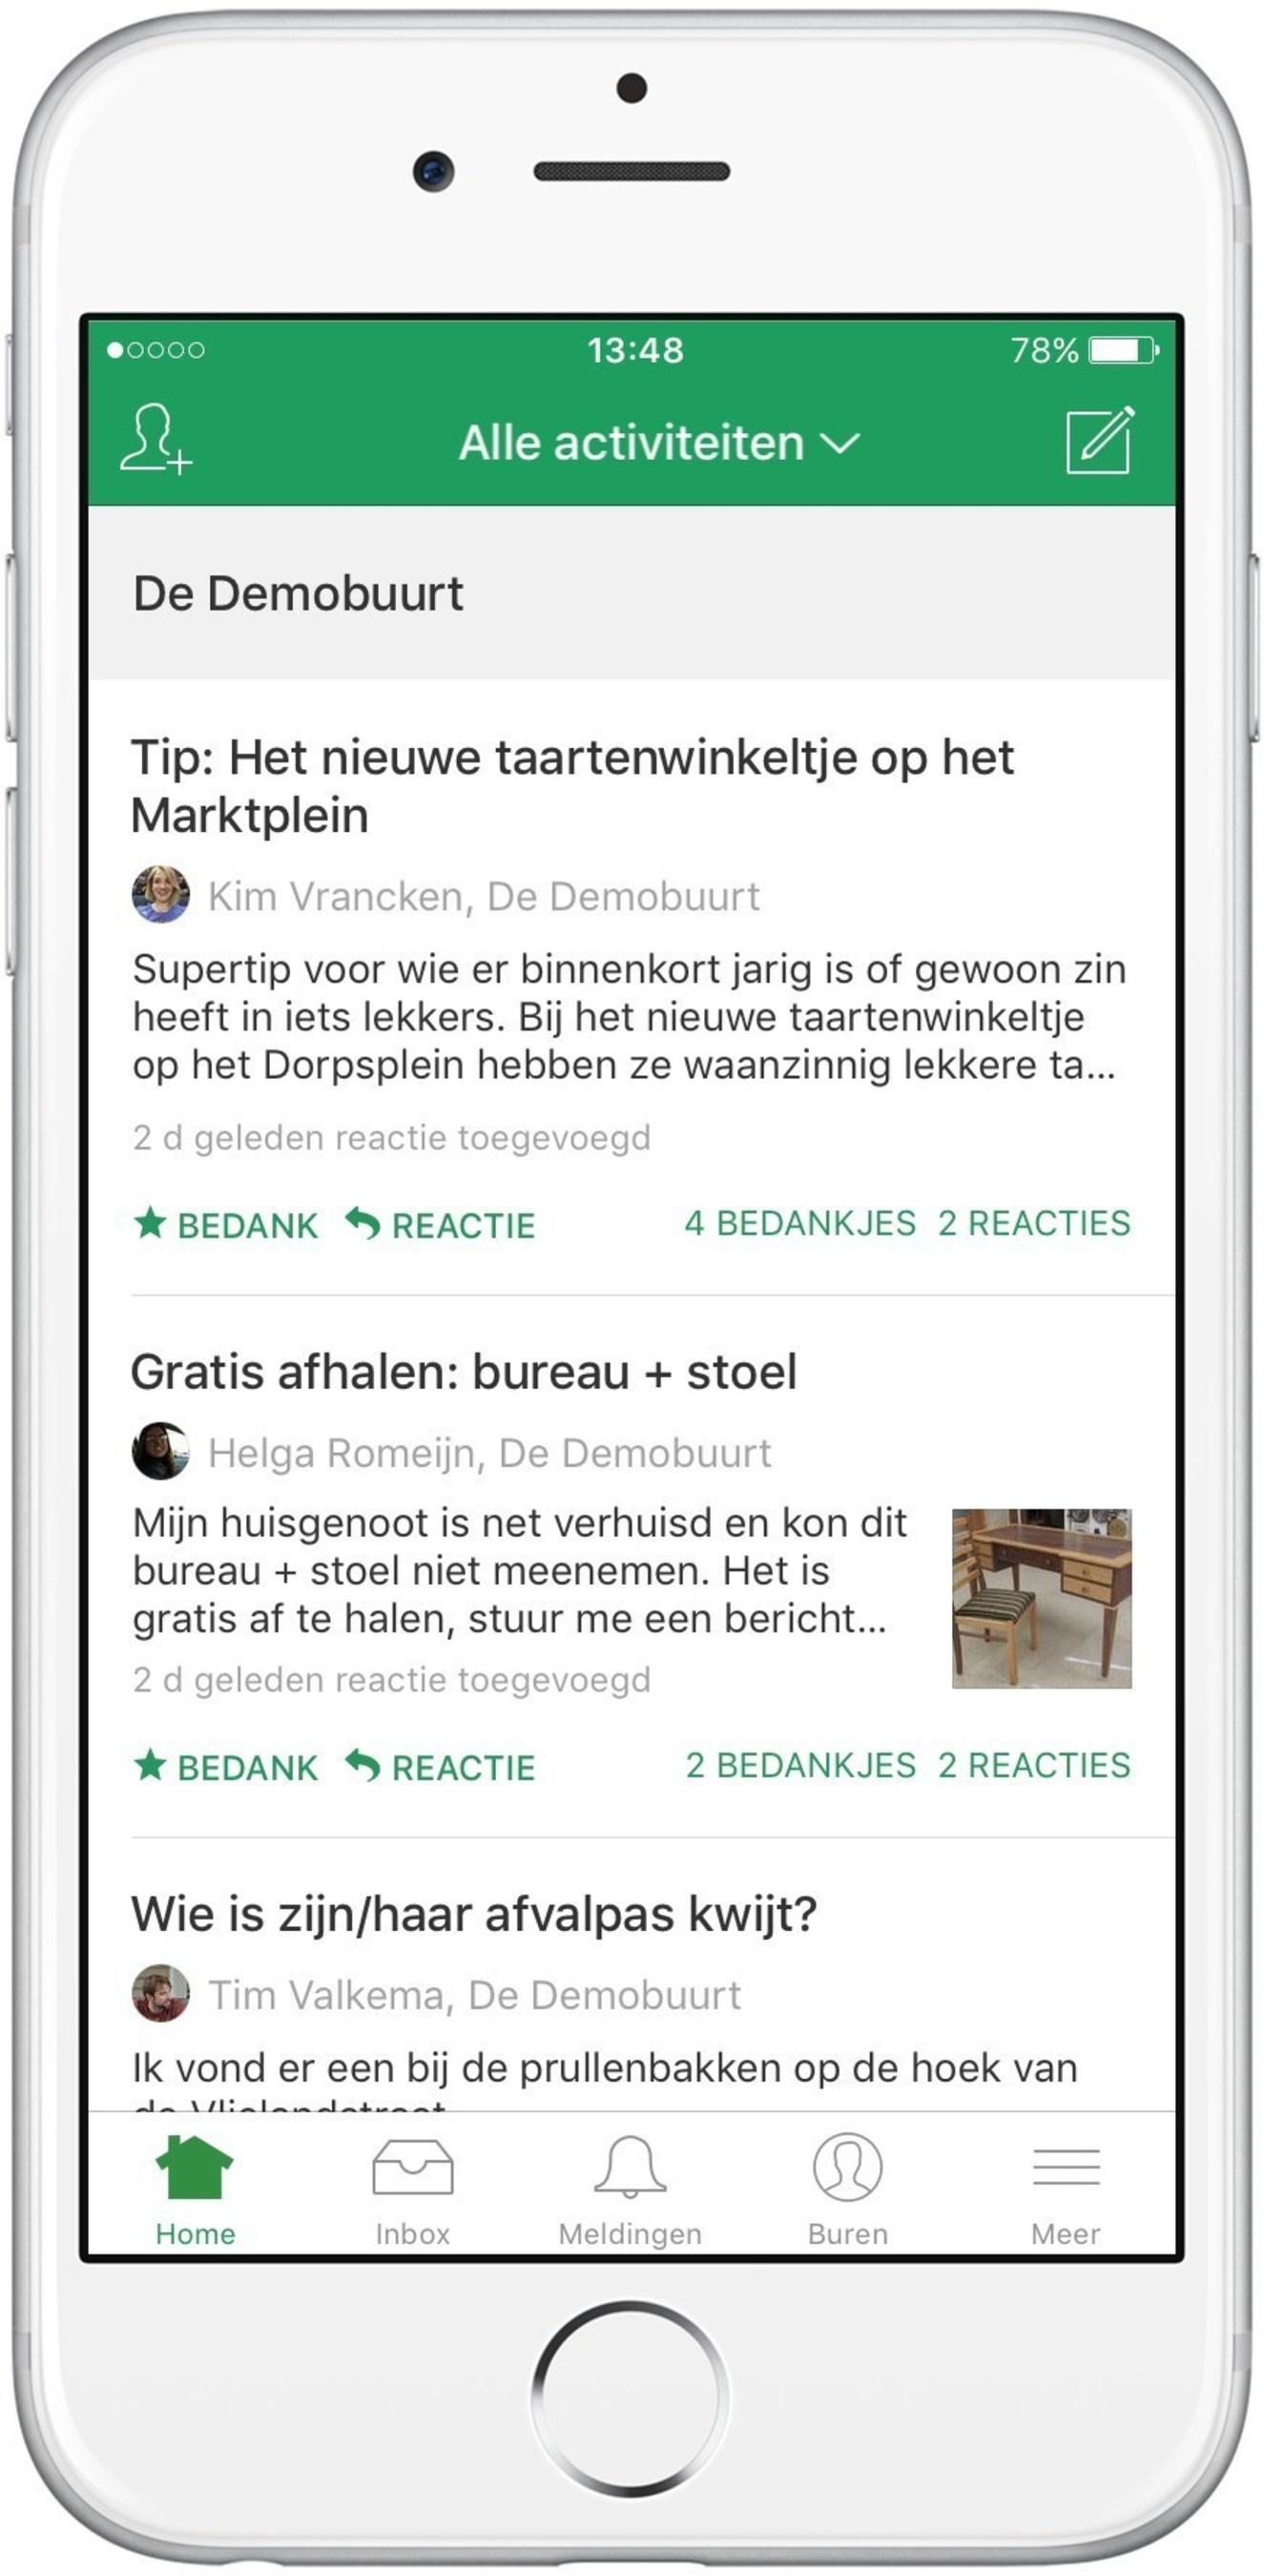 Nextdoor iPhone app in Dutch.